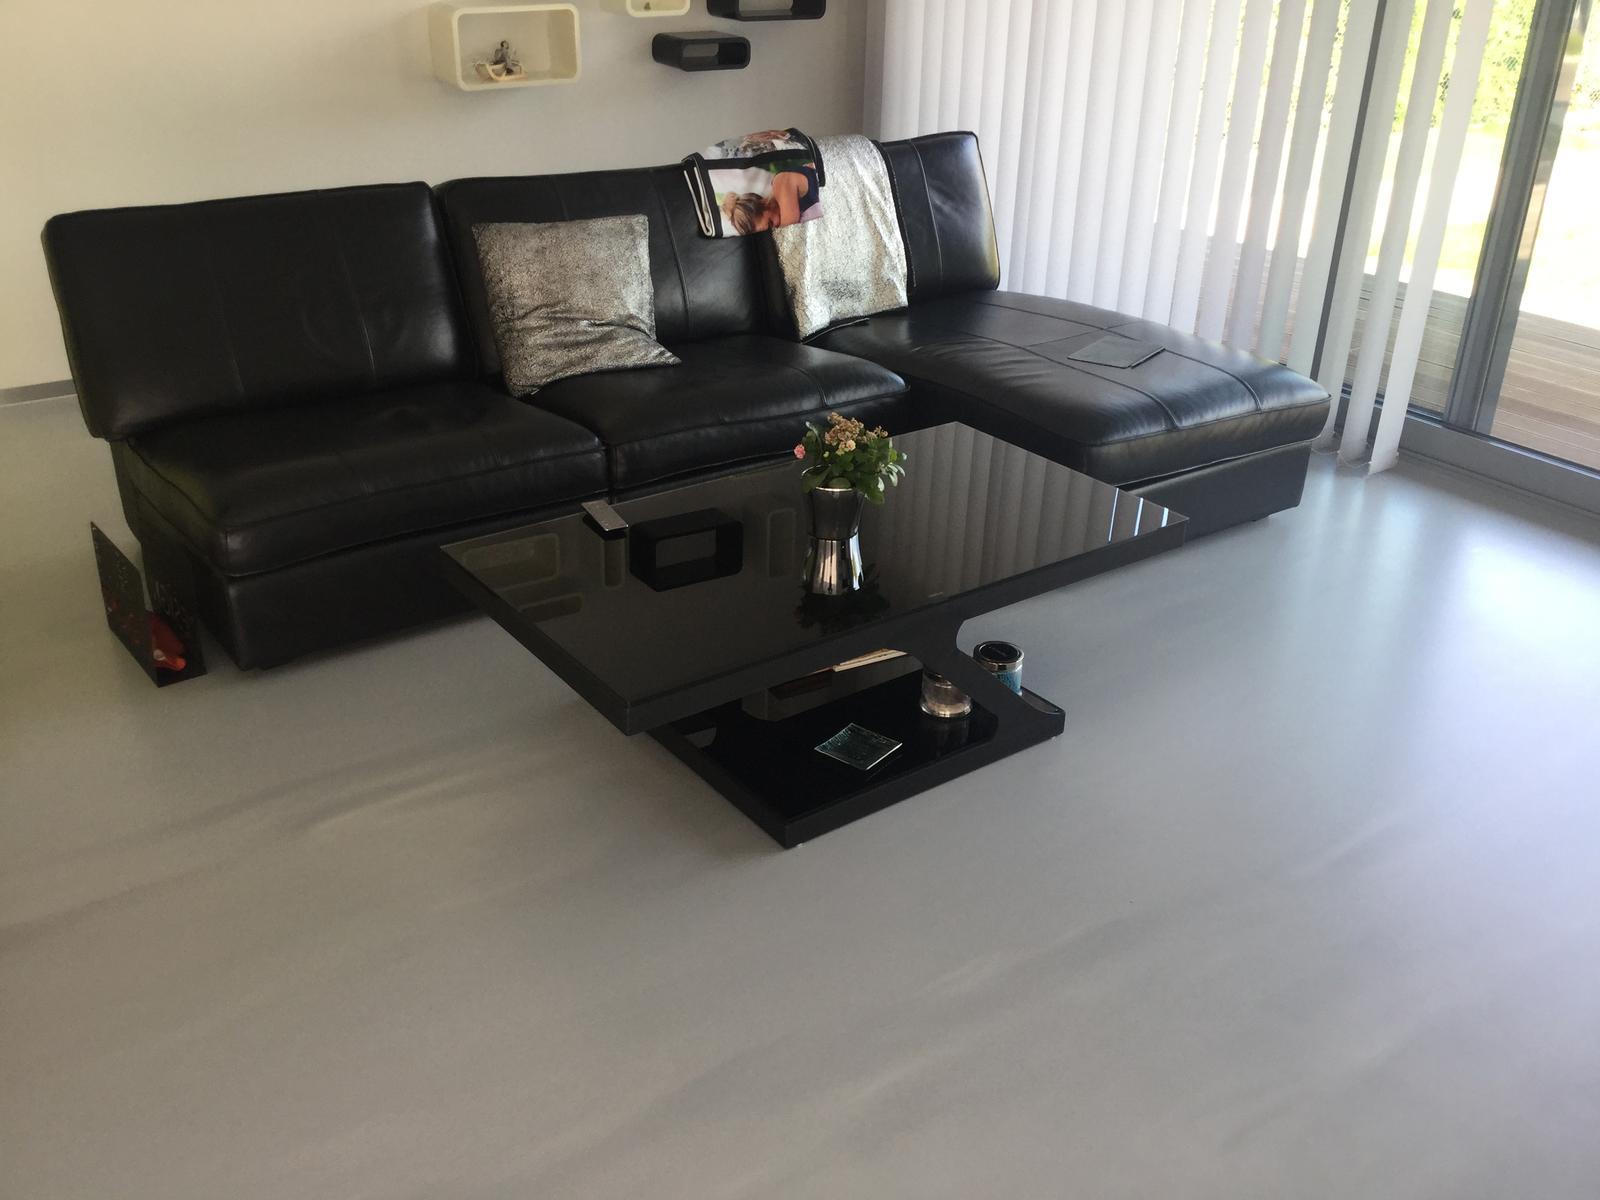 My máme luxusní podlahu... - Obrázek č. 1